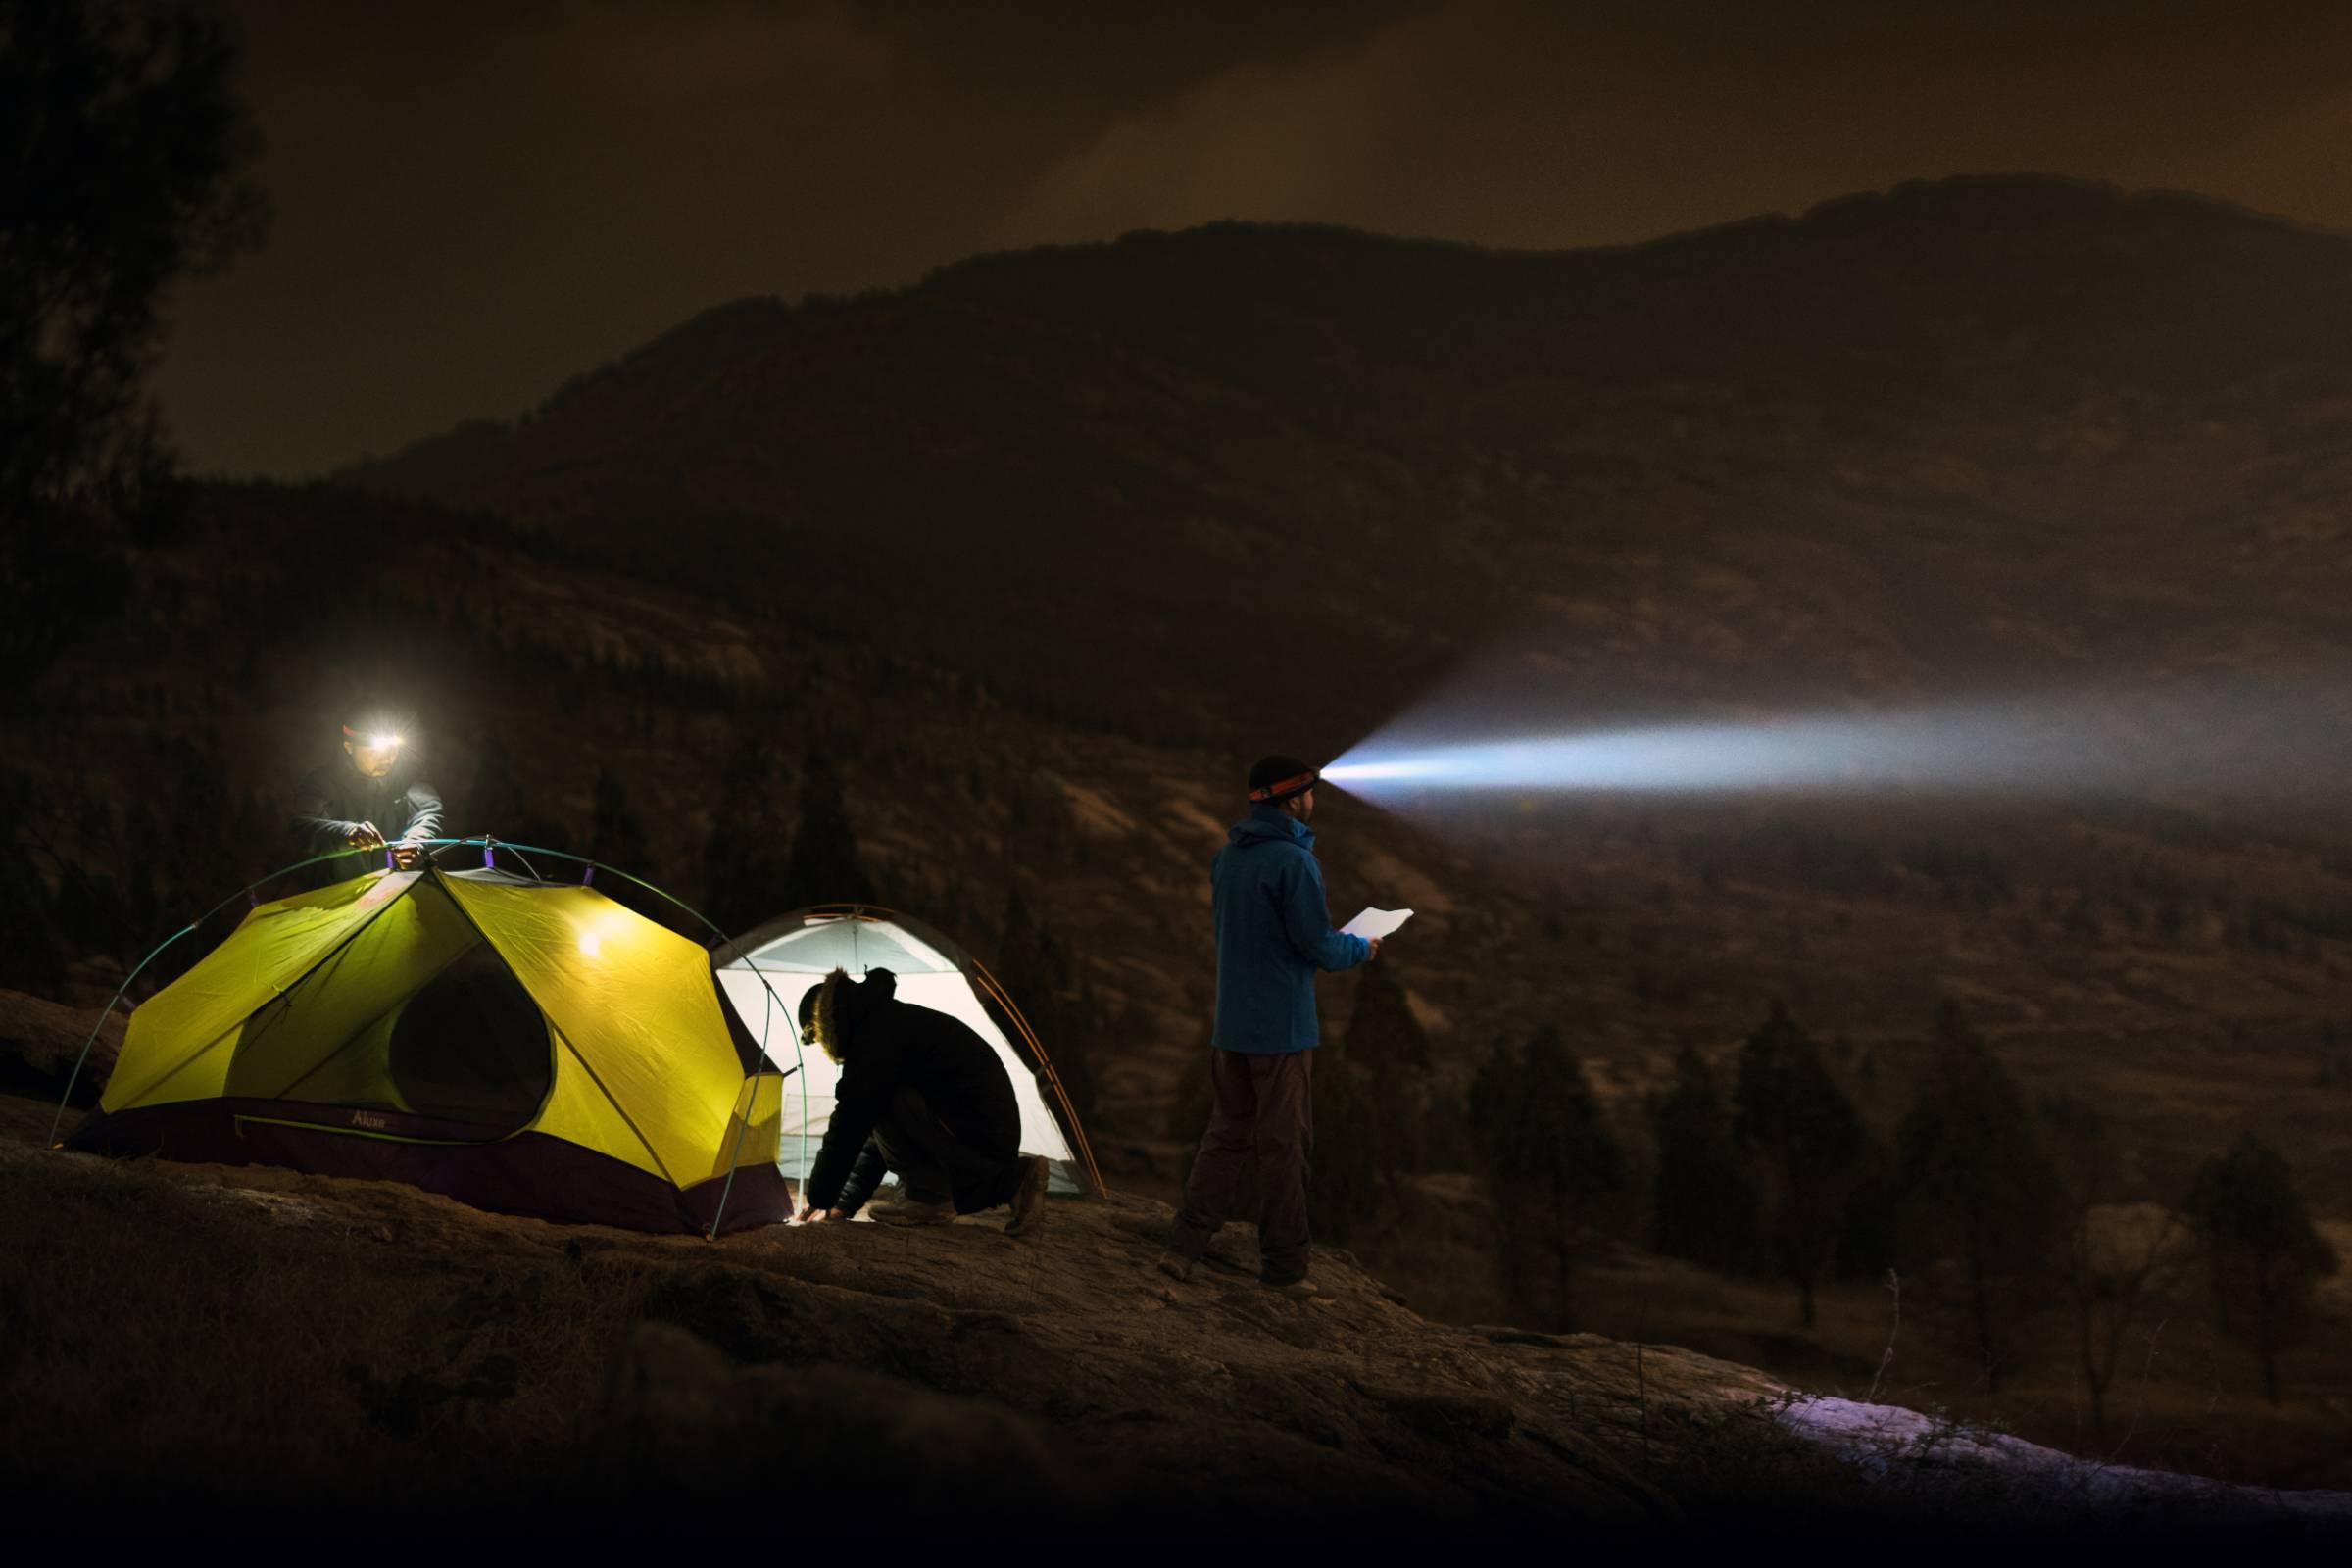 Fenix headlamp illuminates dark campsite